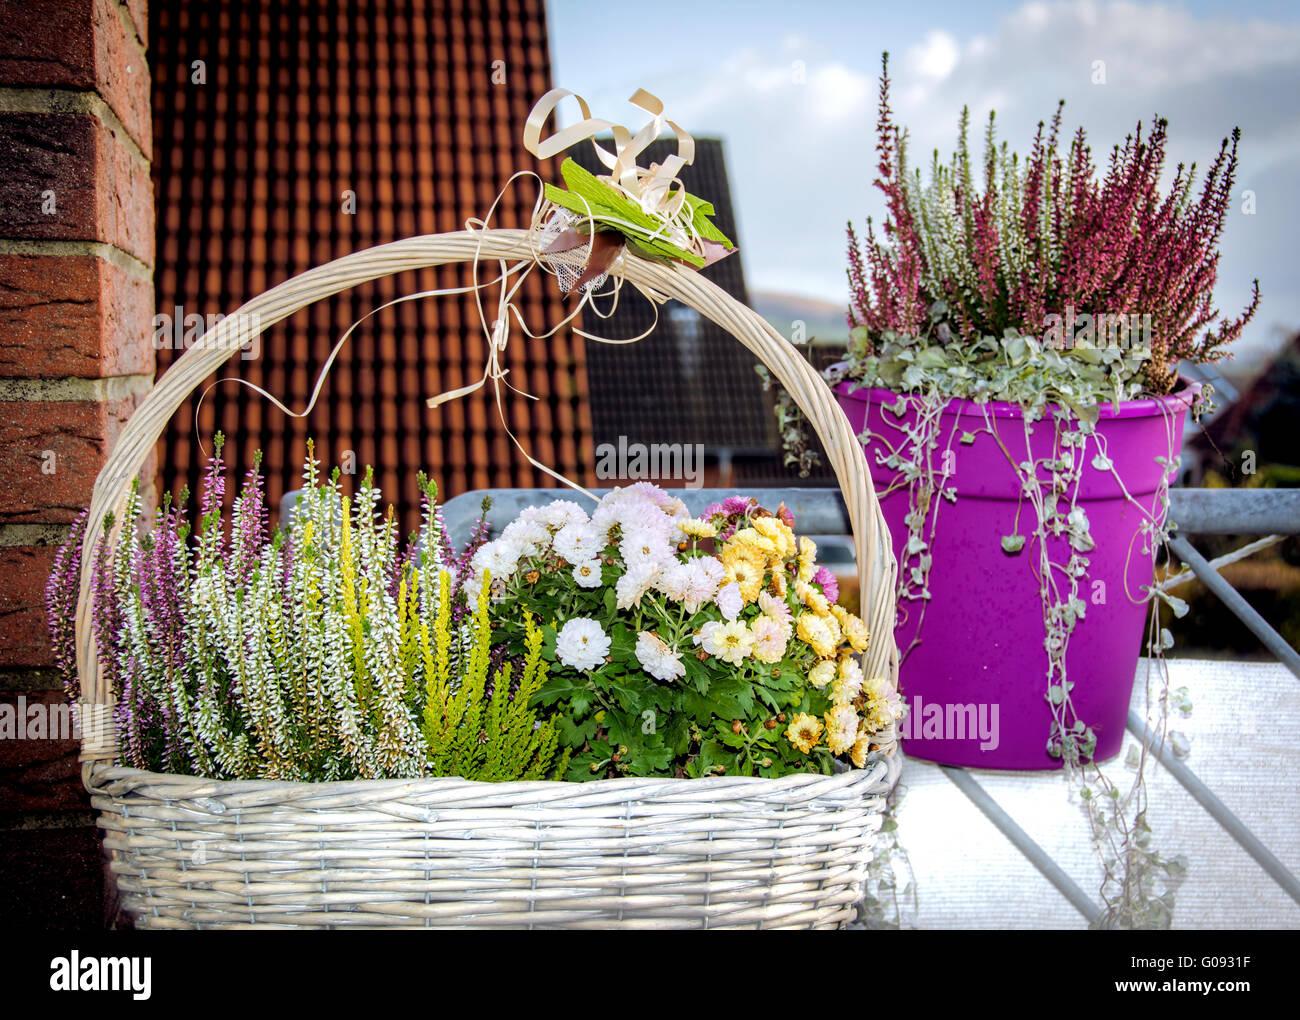 Herbst Blumen Auf Dem Balkon Stockfoto Bild 103462171 Alamy